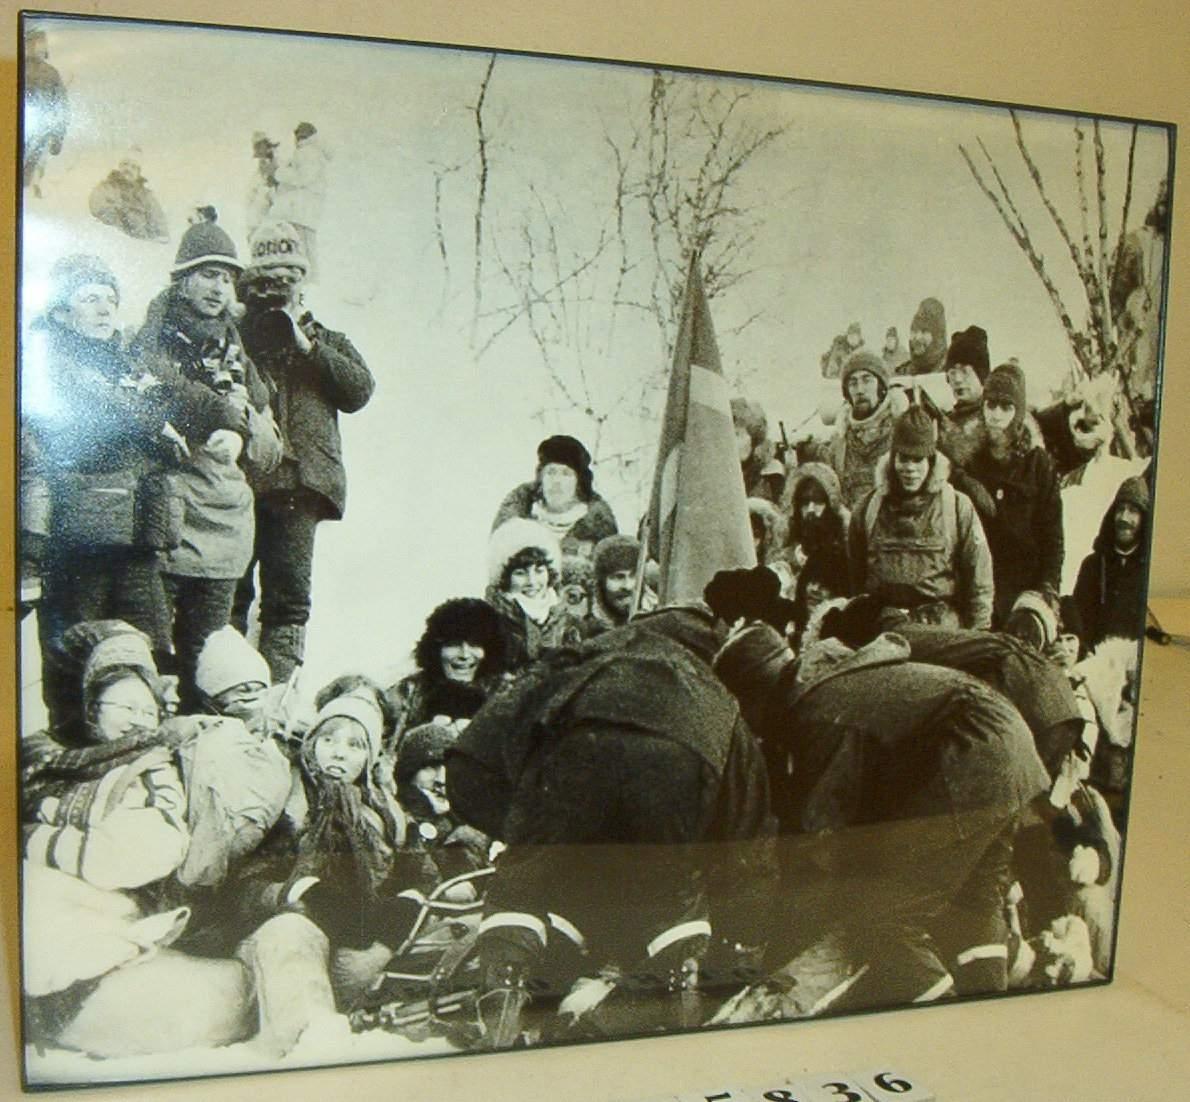 Demonstrasjon mot kraftutbygging i Alta. Politi og demonstranter.